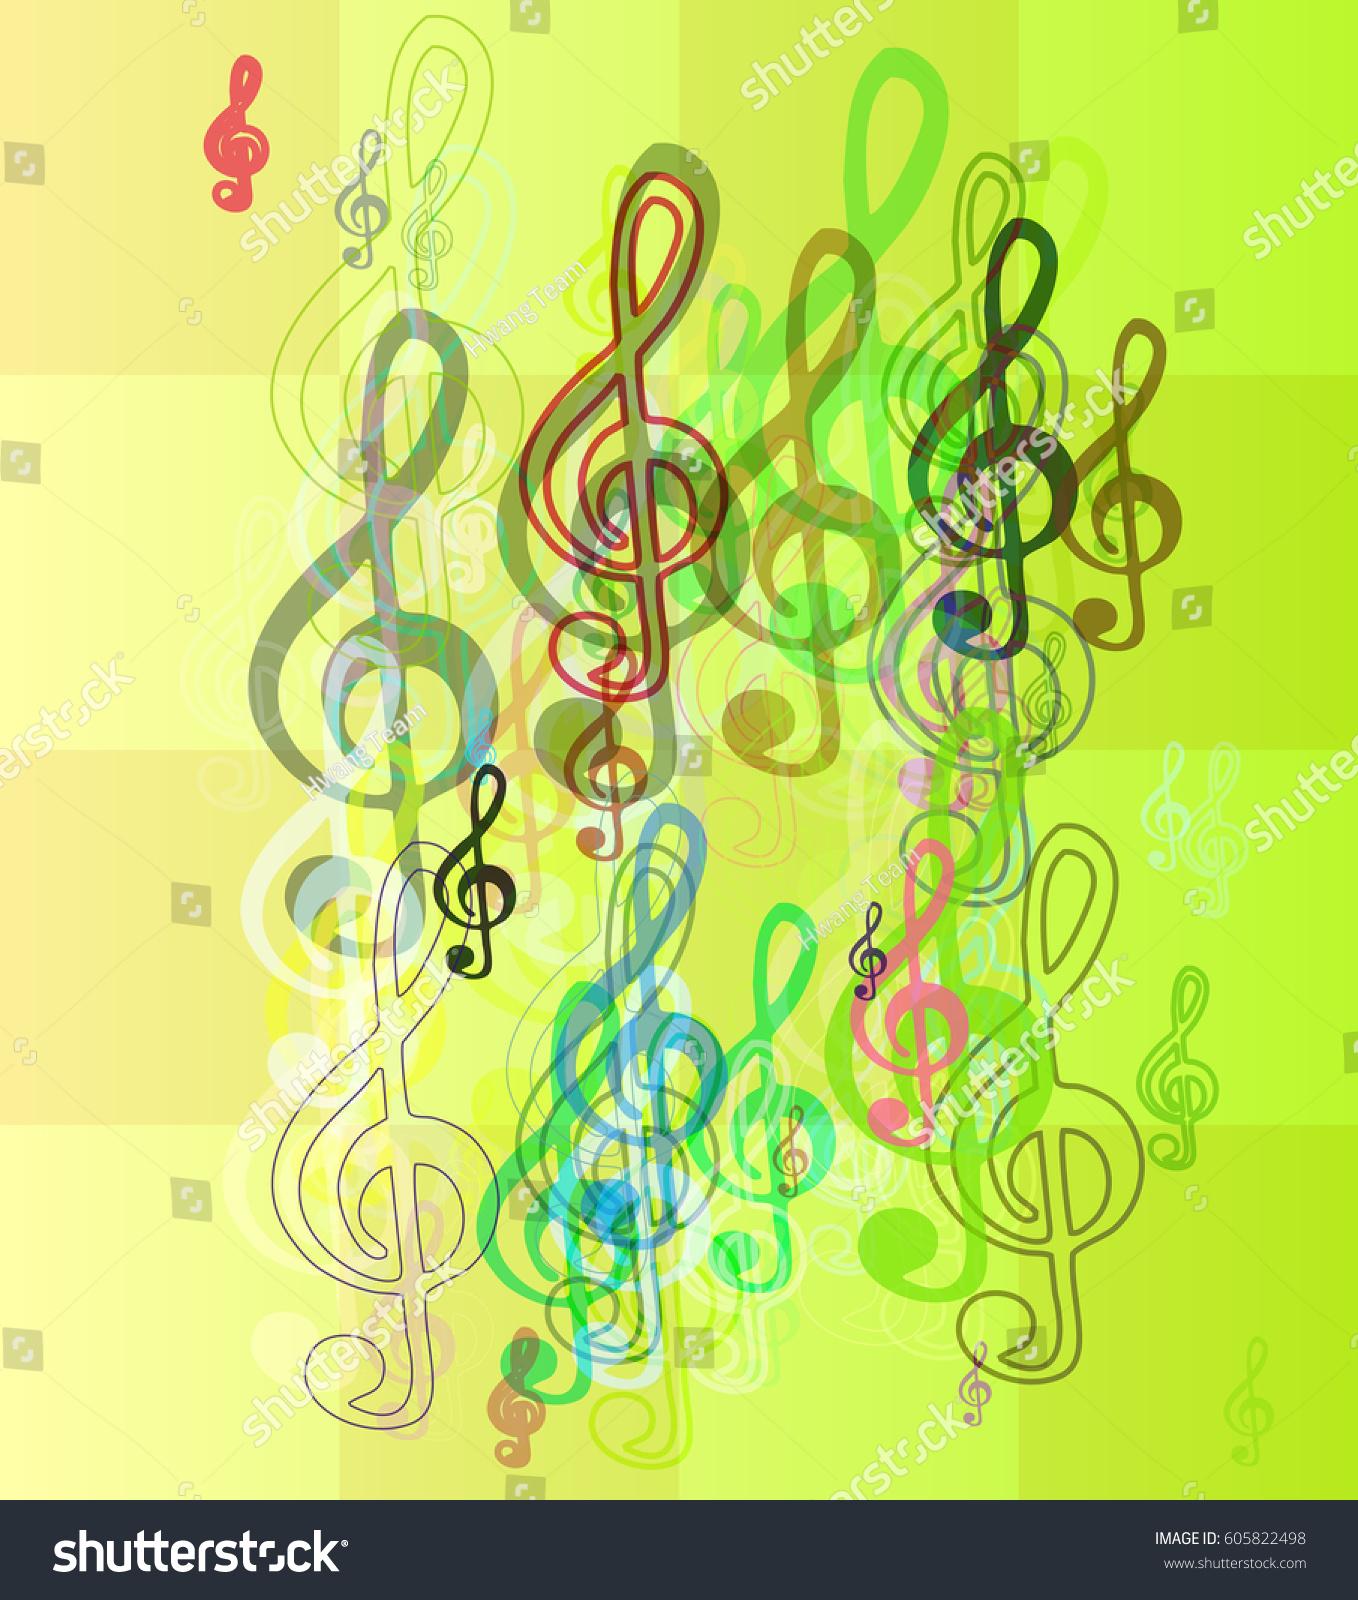 Musical Note Art Template Stock Vector 605822498 - Shutterstock